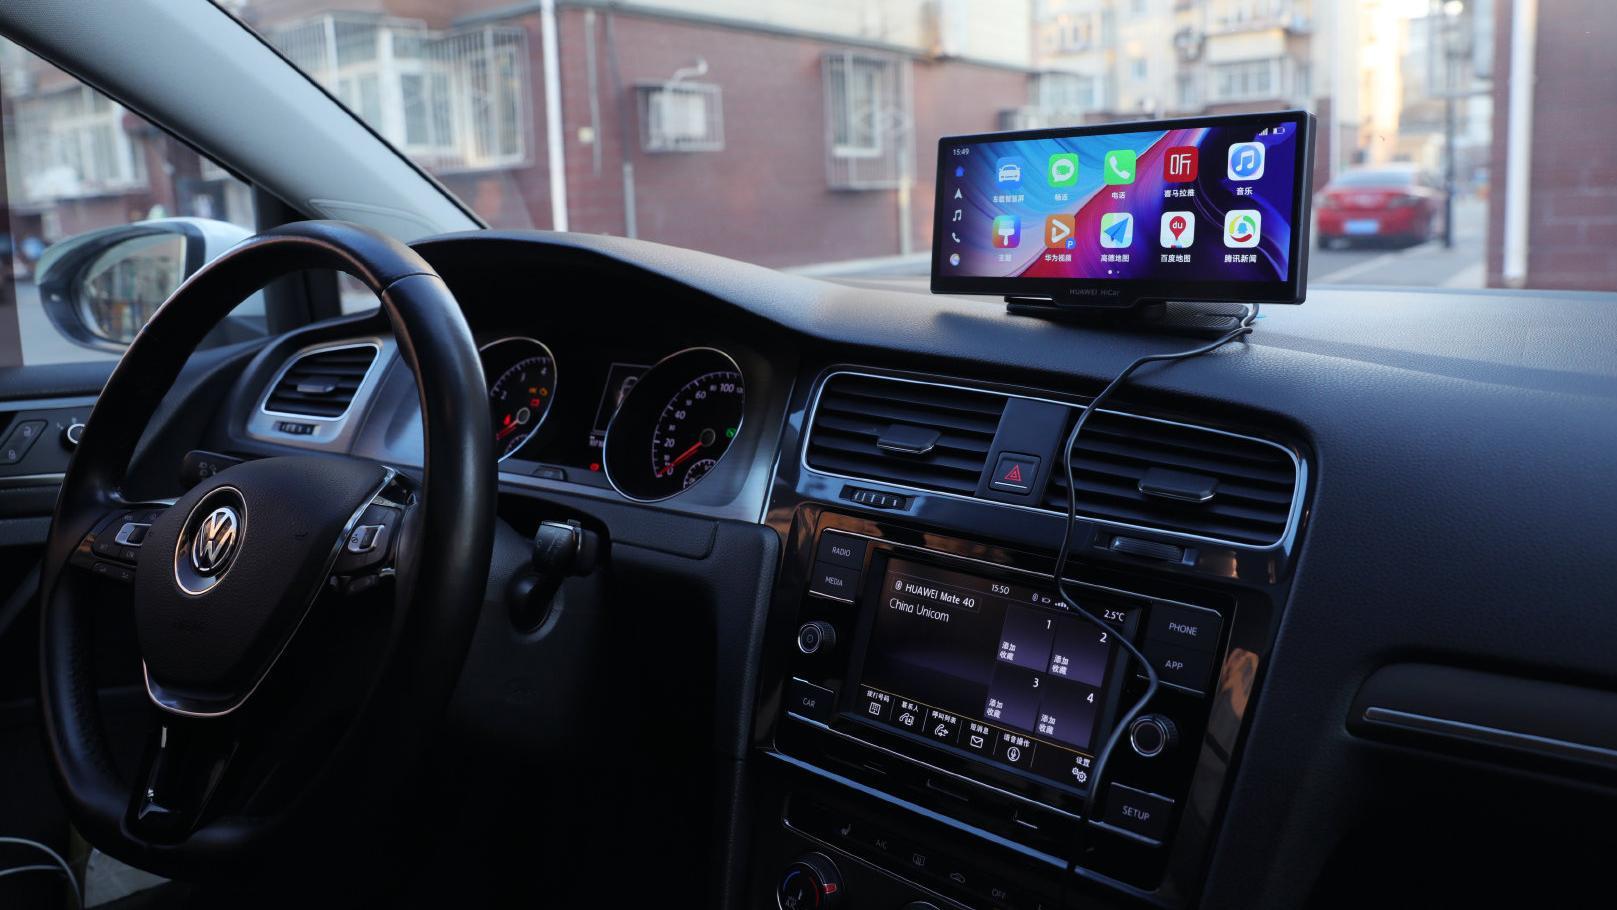 华为智选车载智慧屏评测:汽车生态新物种,老汽车也能秒互联